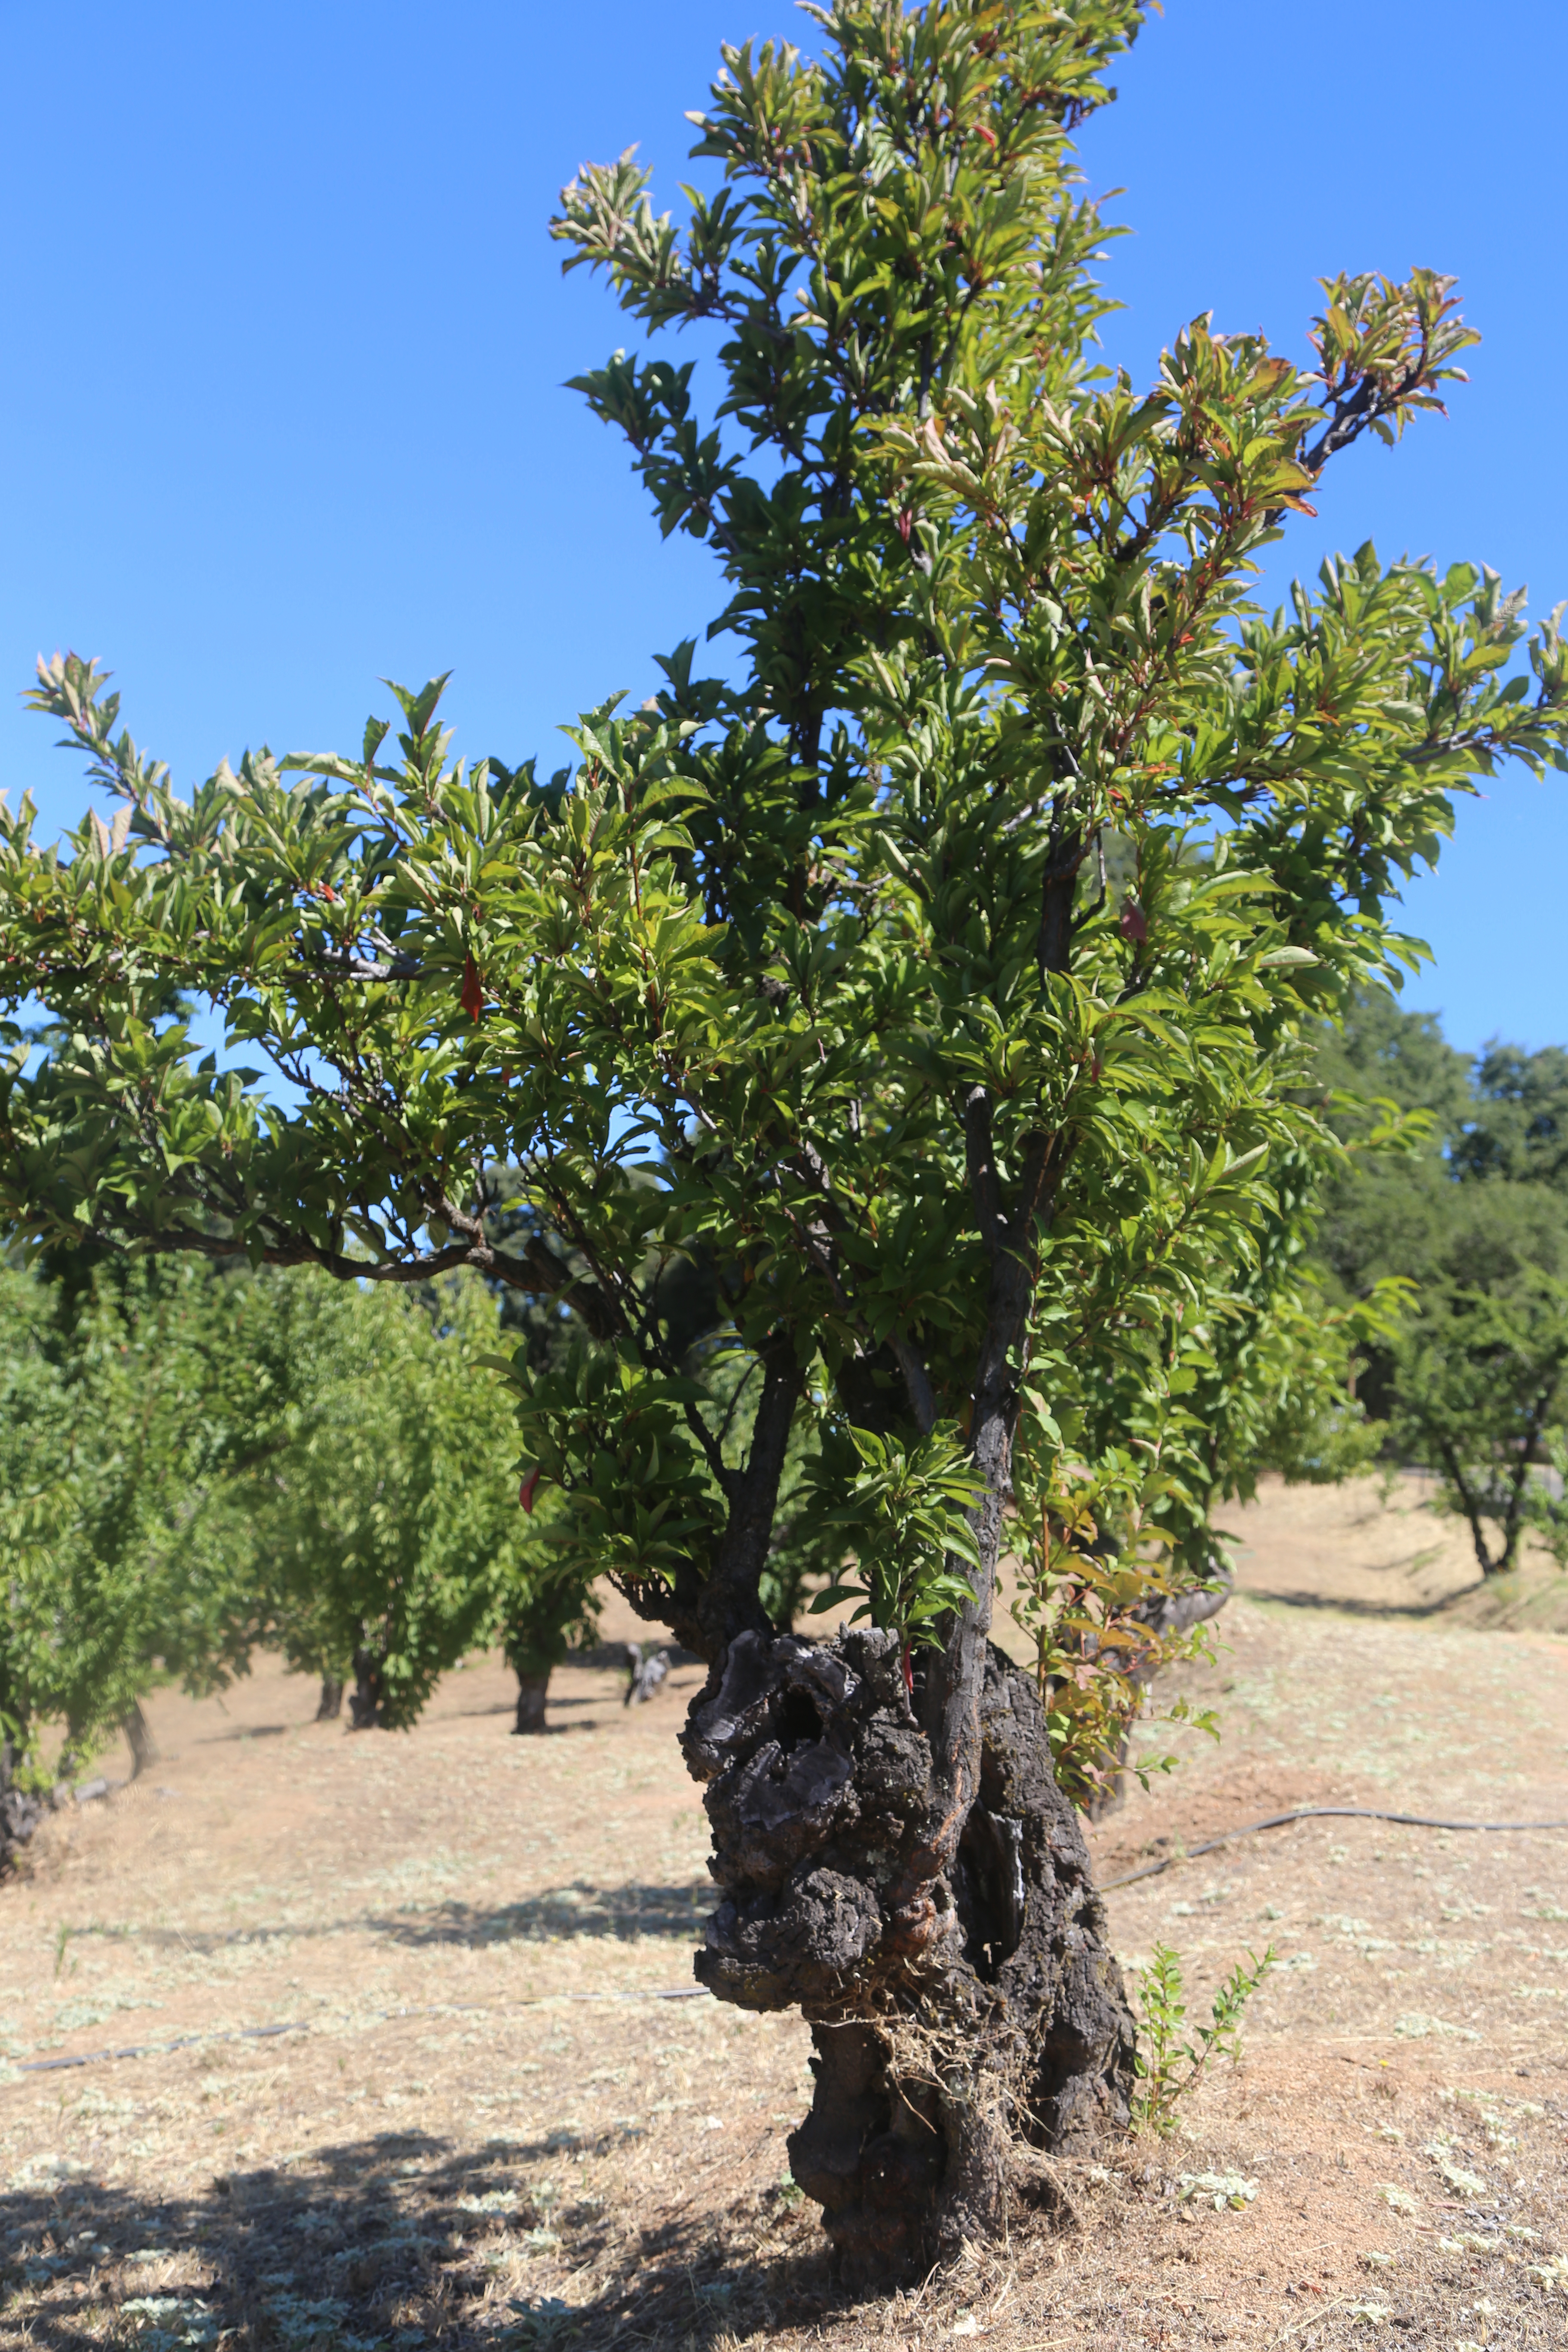 formosa plum tree